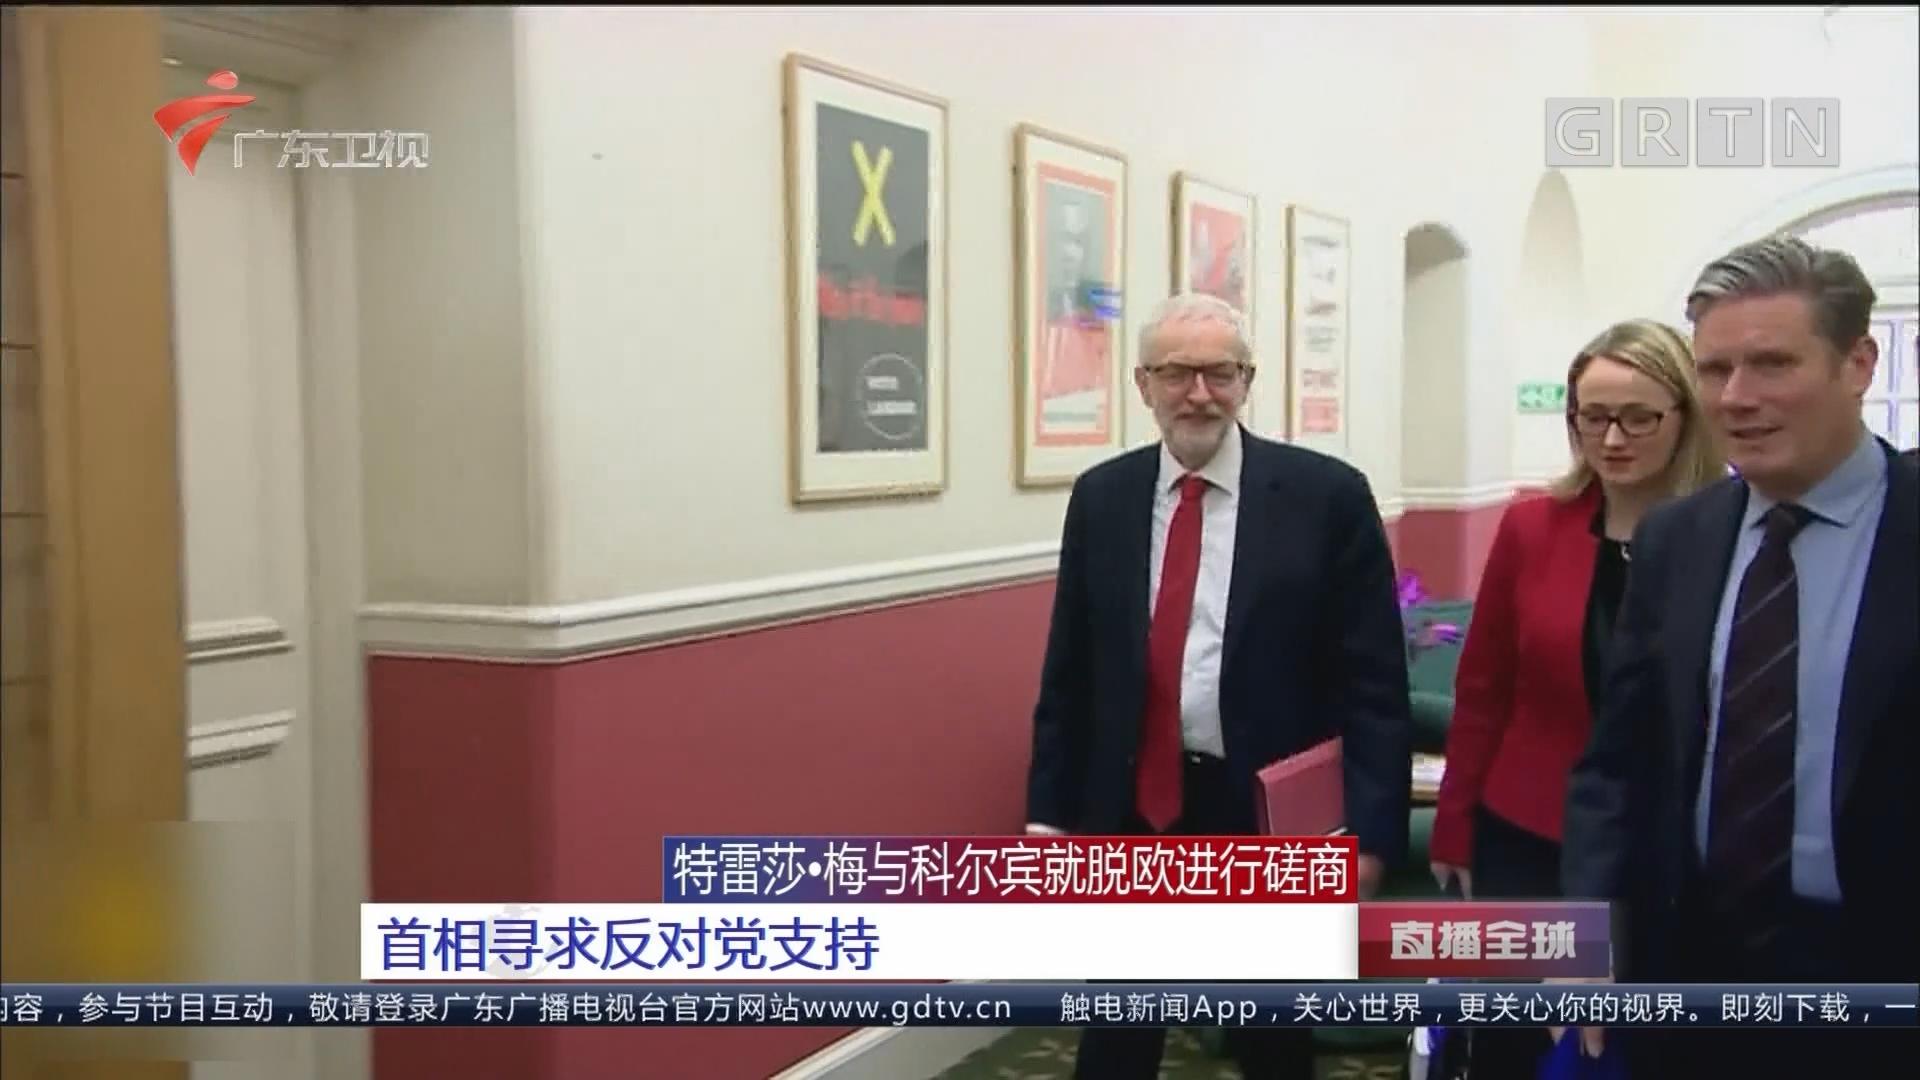 特蕾莎·梅与科尔宾就脱欧进行磋商 首相寻求反对党支持